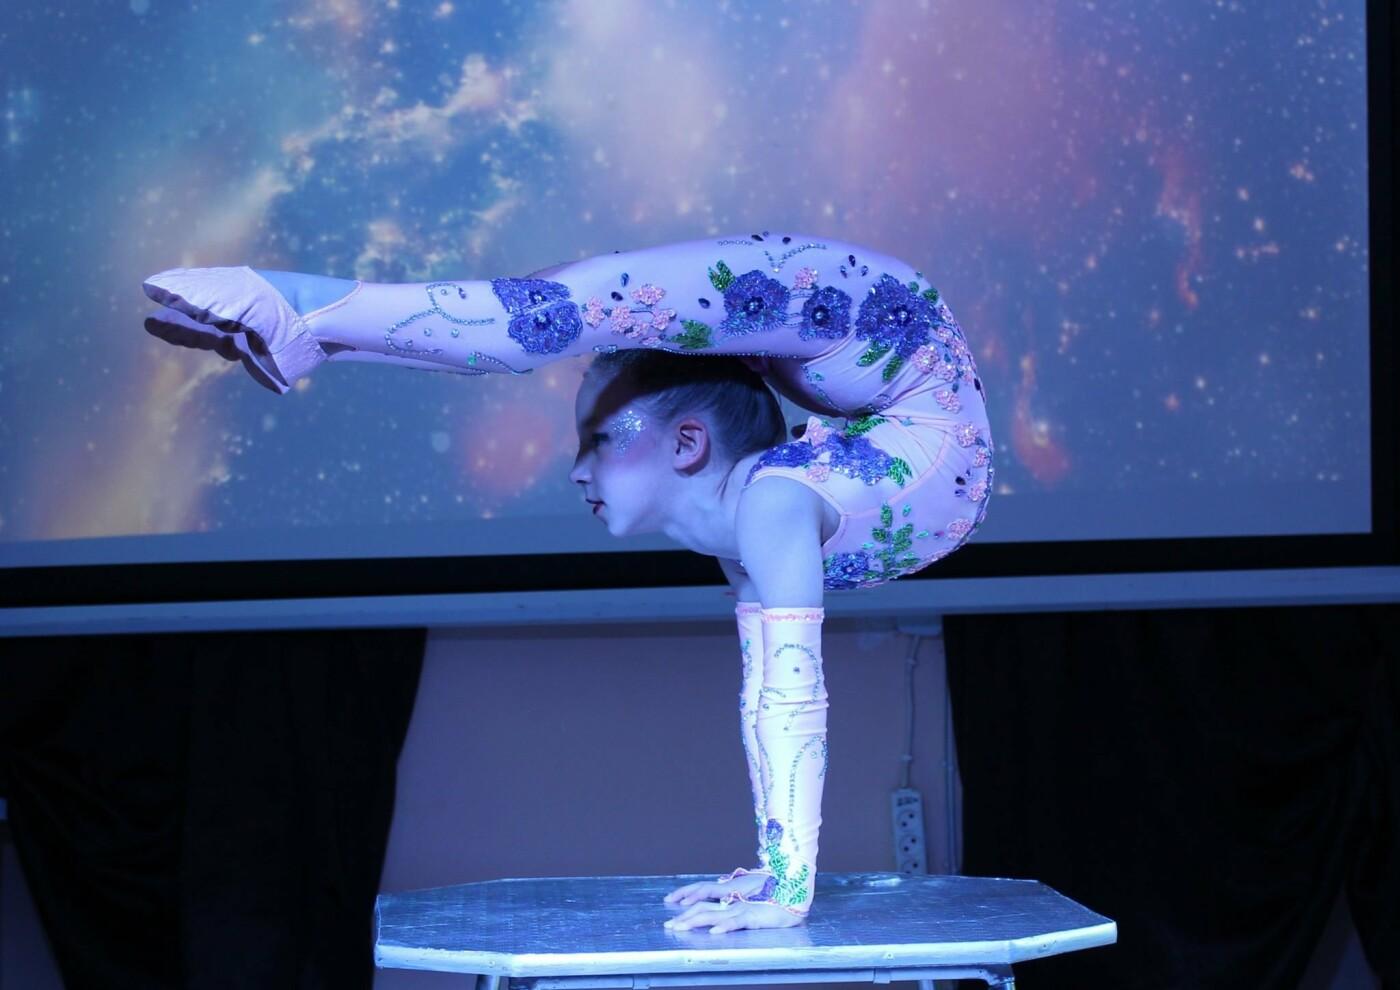 Студия «Каскад» из Константиновки стала победителем трех фестивалей циркового искусства, фото-5